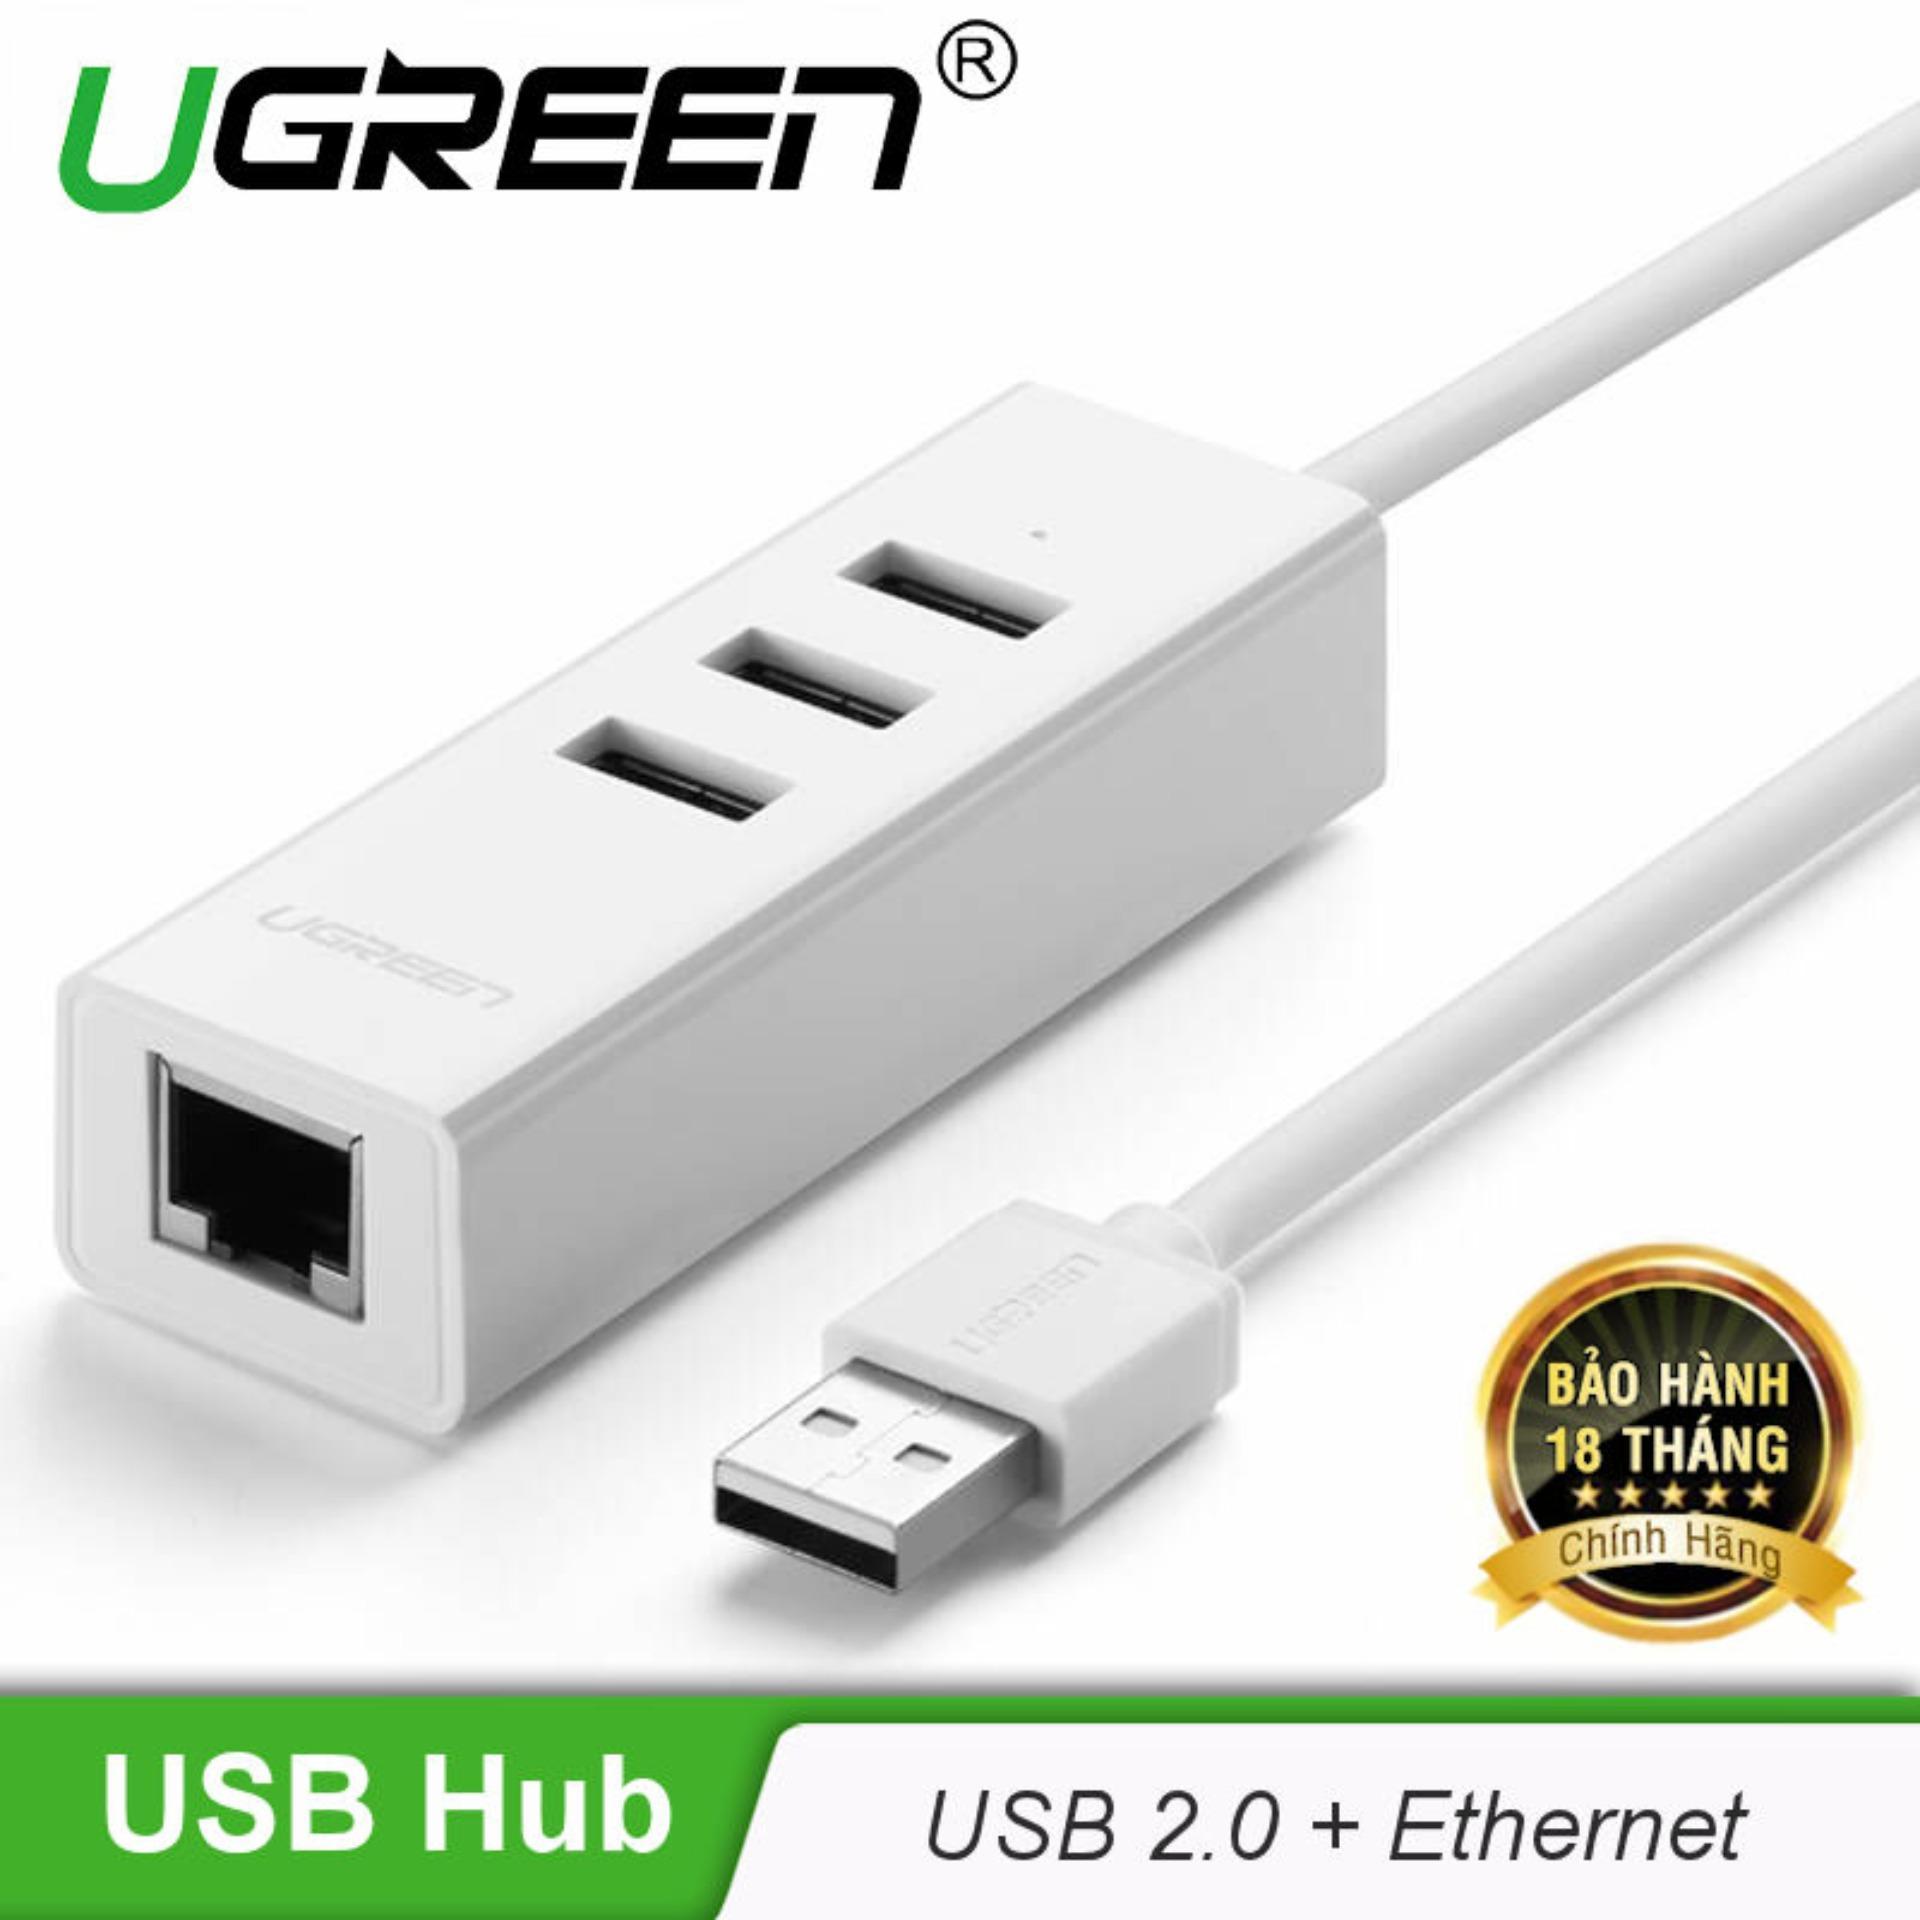 Hình ảnh Bộ chia 3 cổng USB 2.0 kèm cổng mạng Ethernet 10/100Mbps dài 20cm Ugreen CR129 30297 - Hãng phân phối chính thức